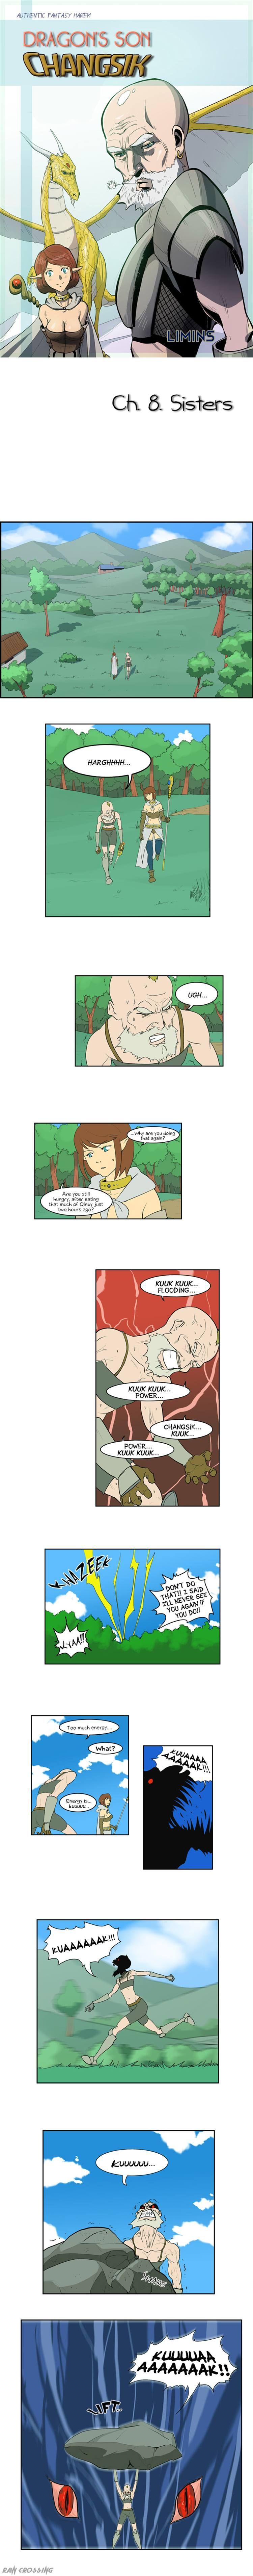 Dragon's Son Changsik 8 Page 1